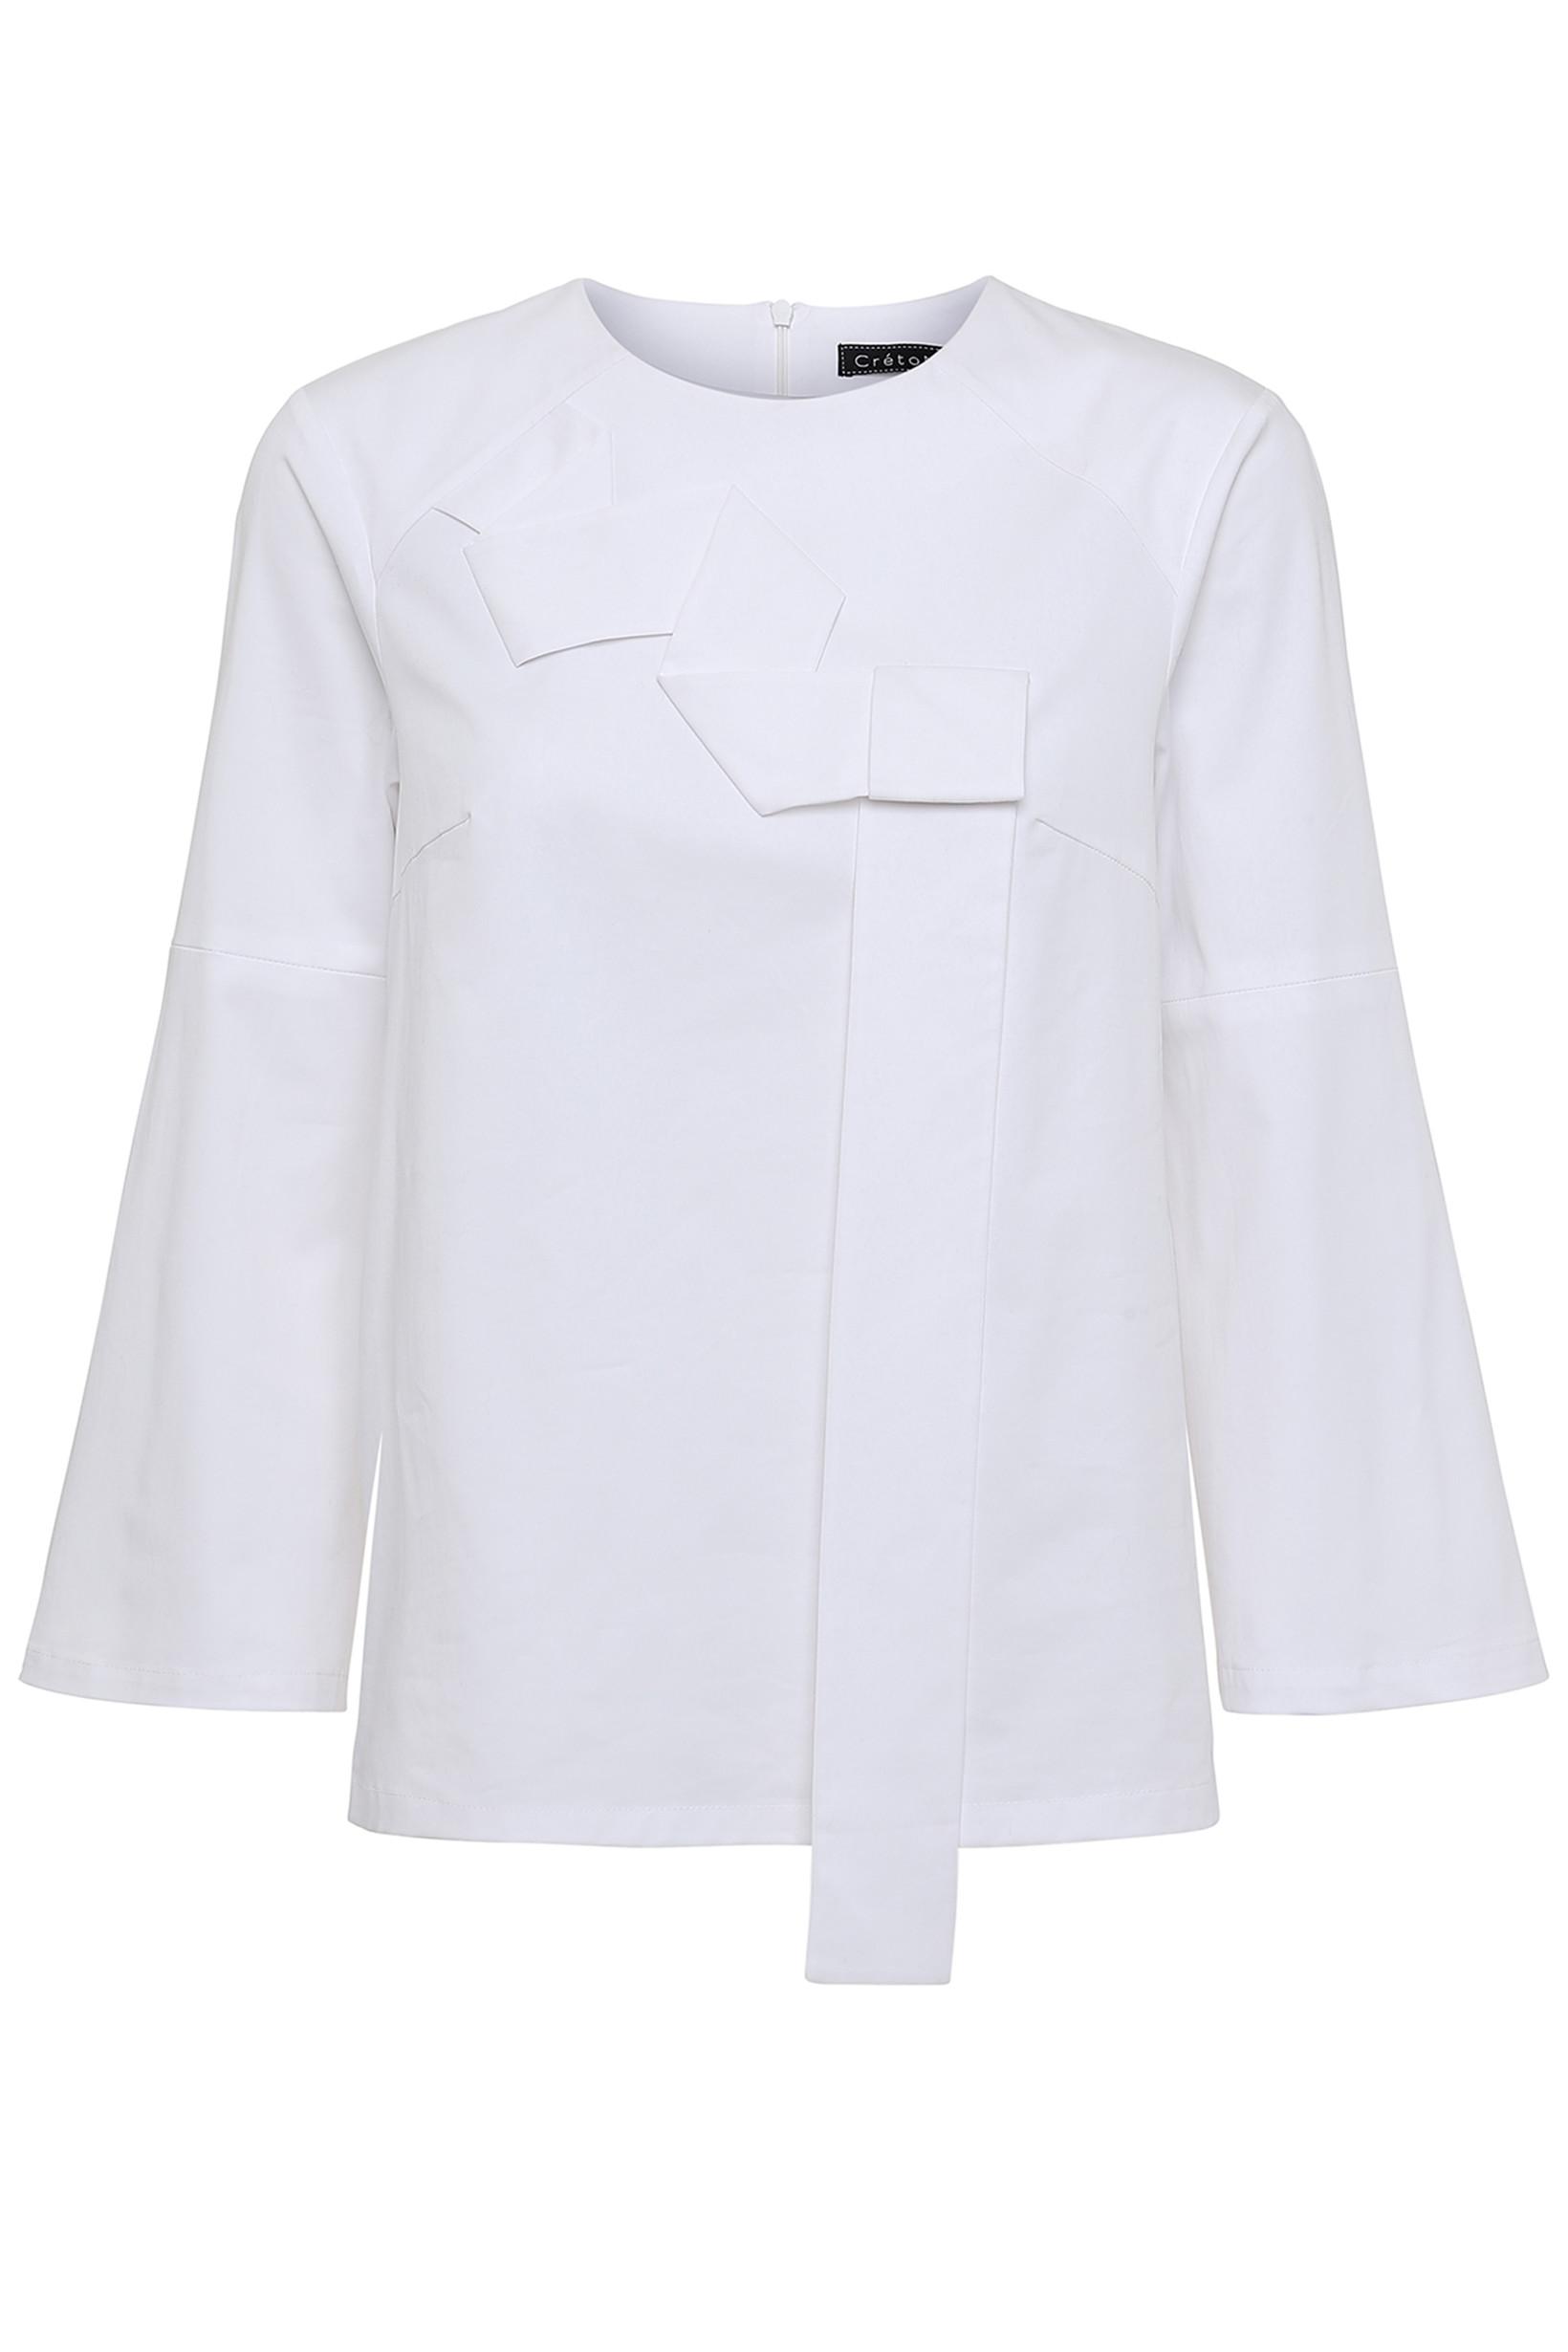 CRÉTON Almond bluse X01 34